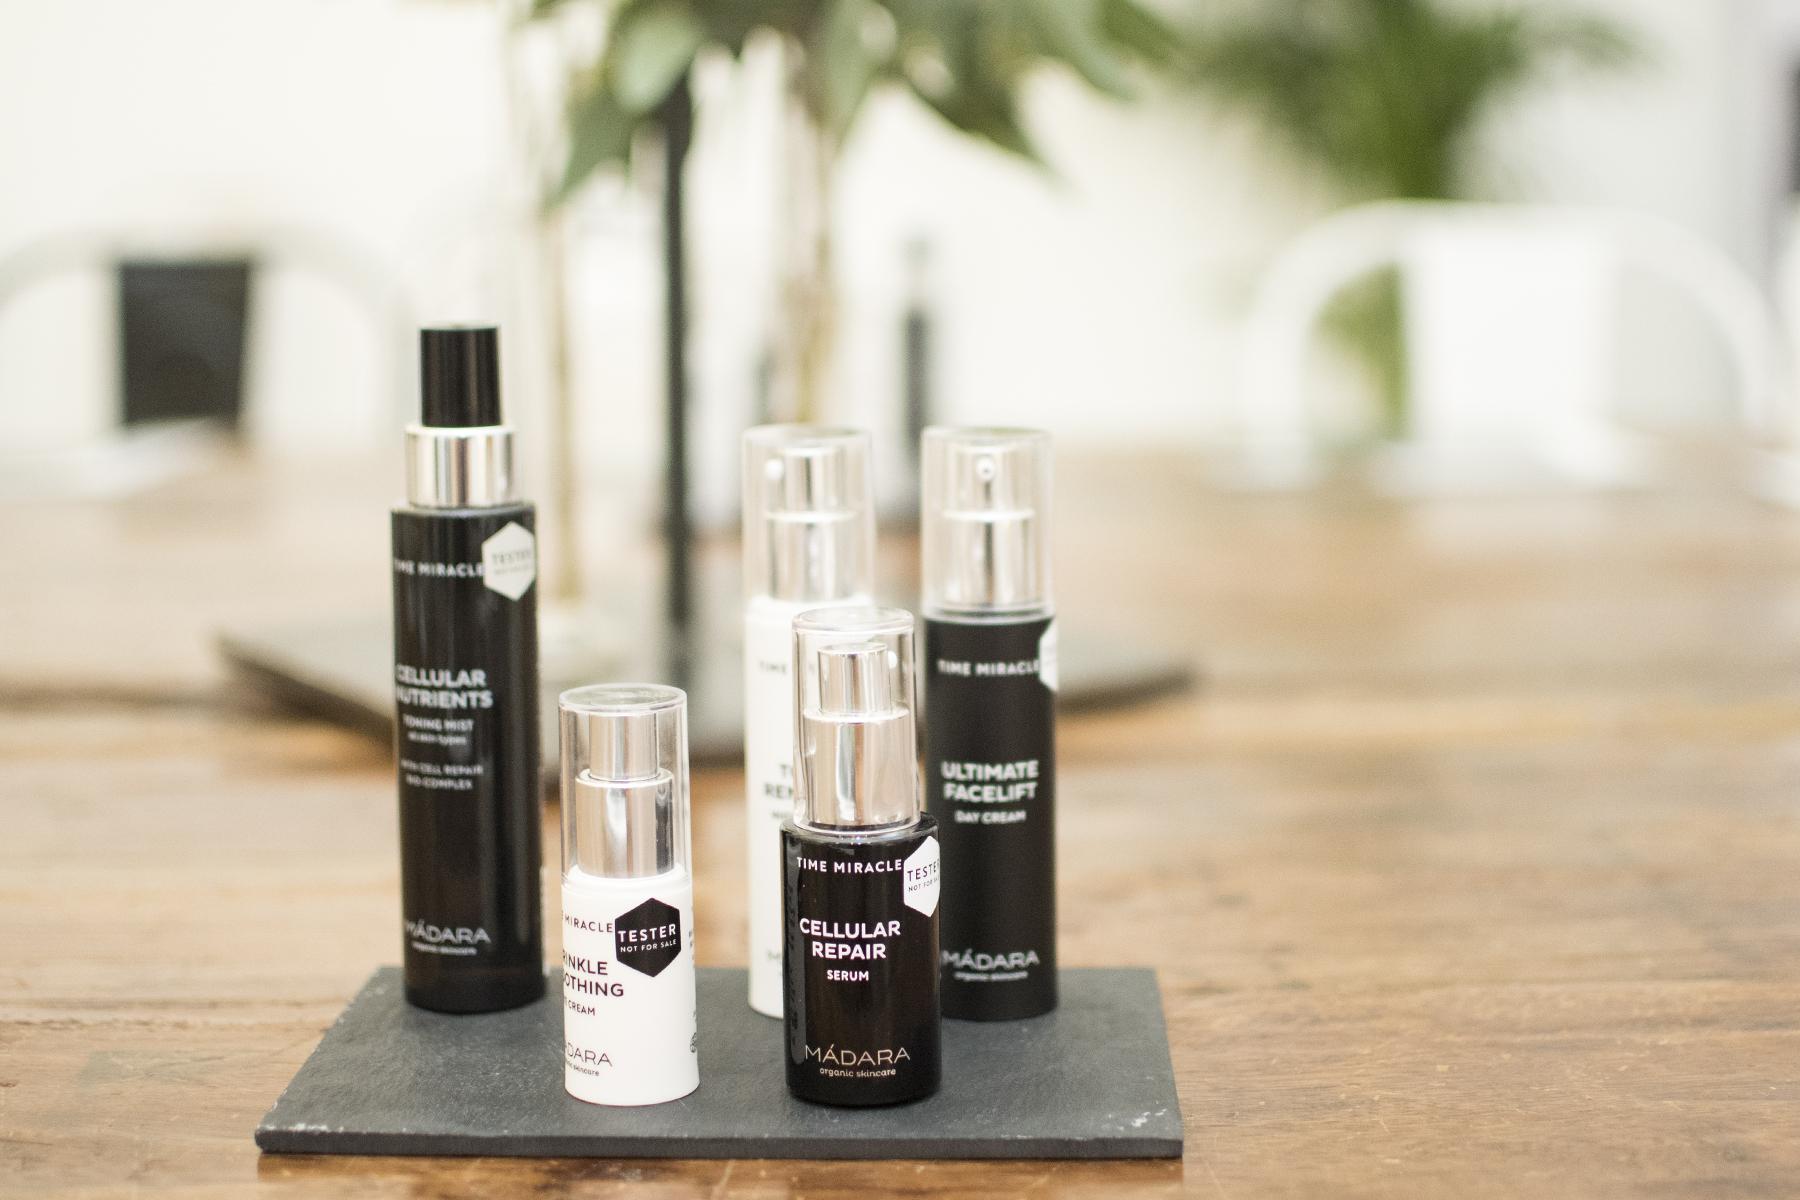 Cremas naturales y maquillaje con ácido hialurónico 100% vegetal